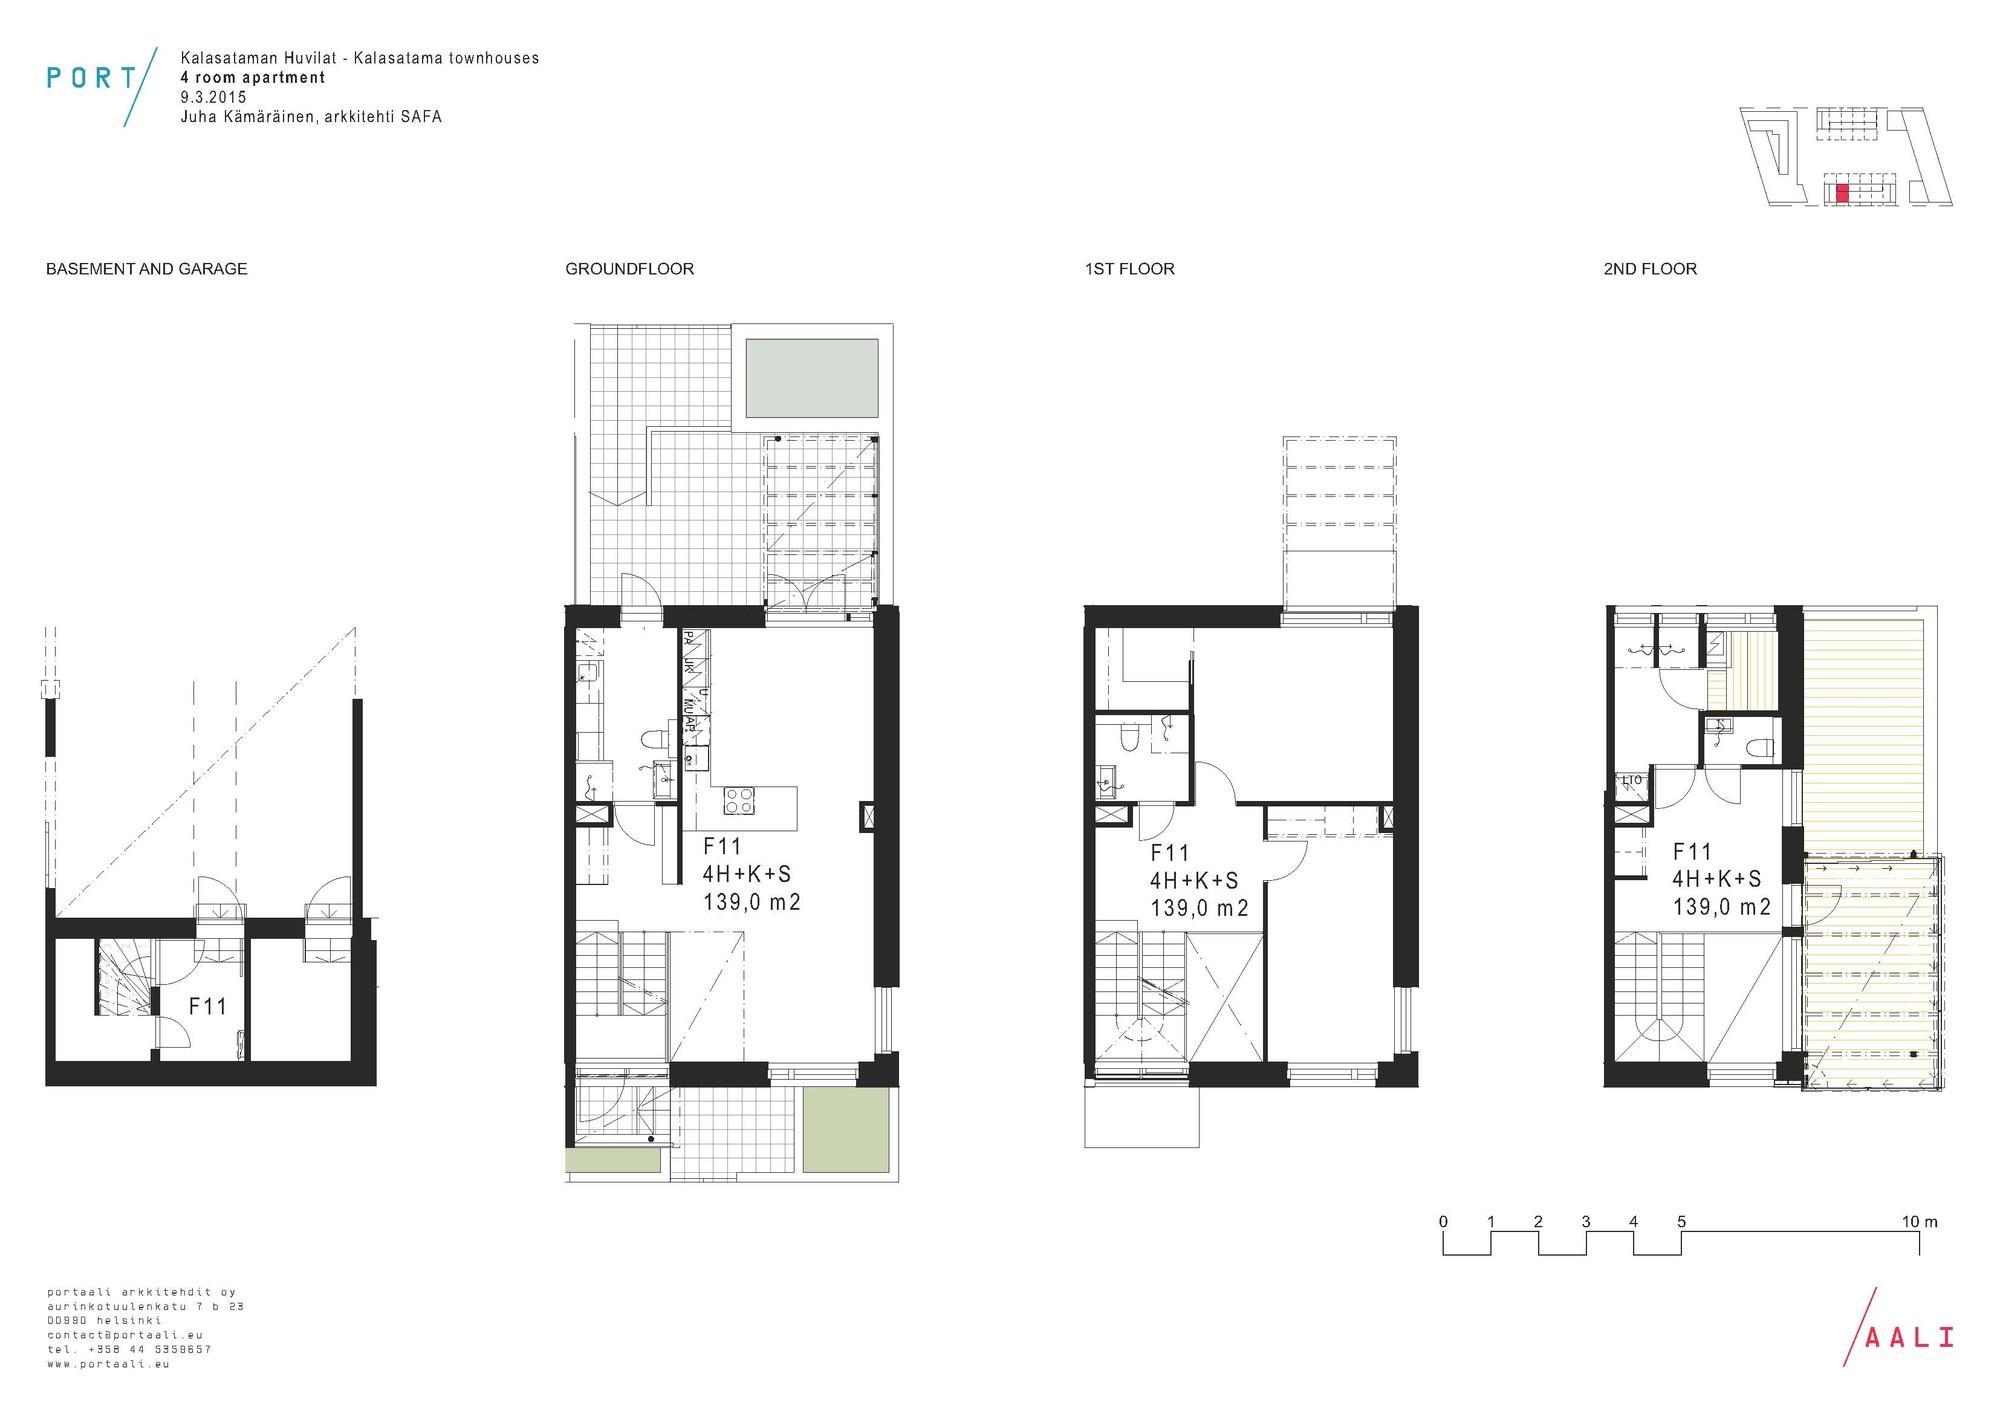 Kalasataman huvilat townhouses portaali architects ltd for Large townhouse floor plans